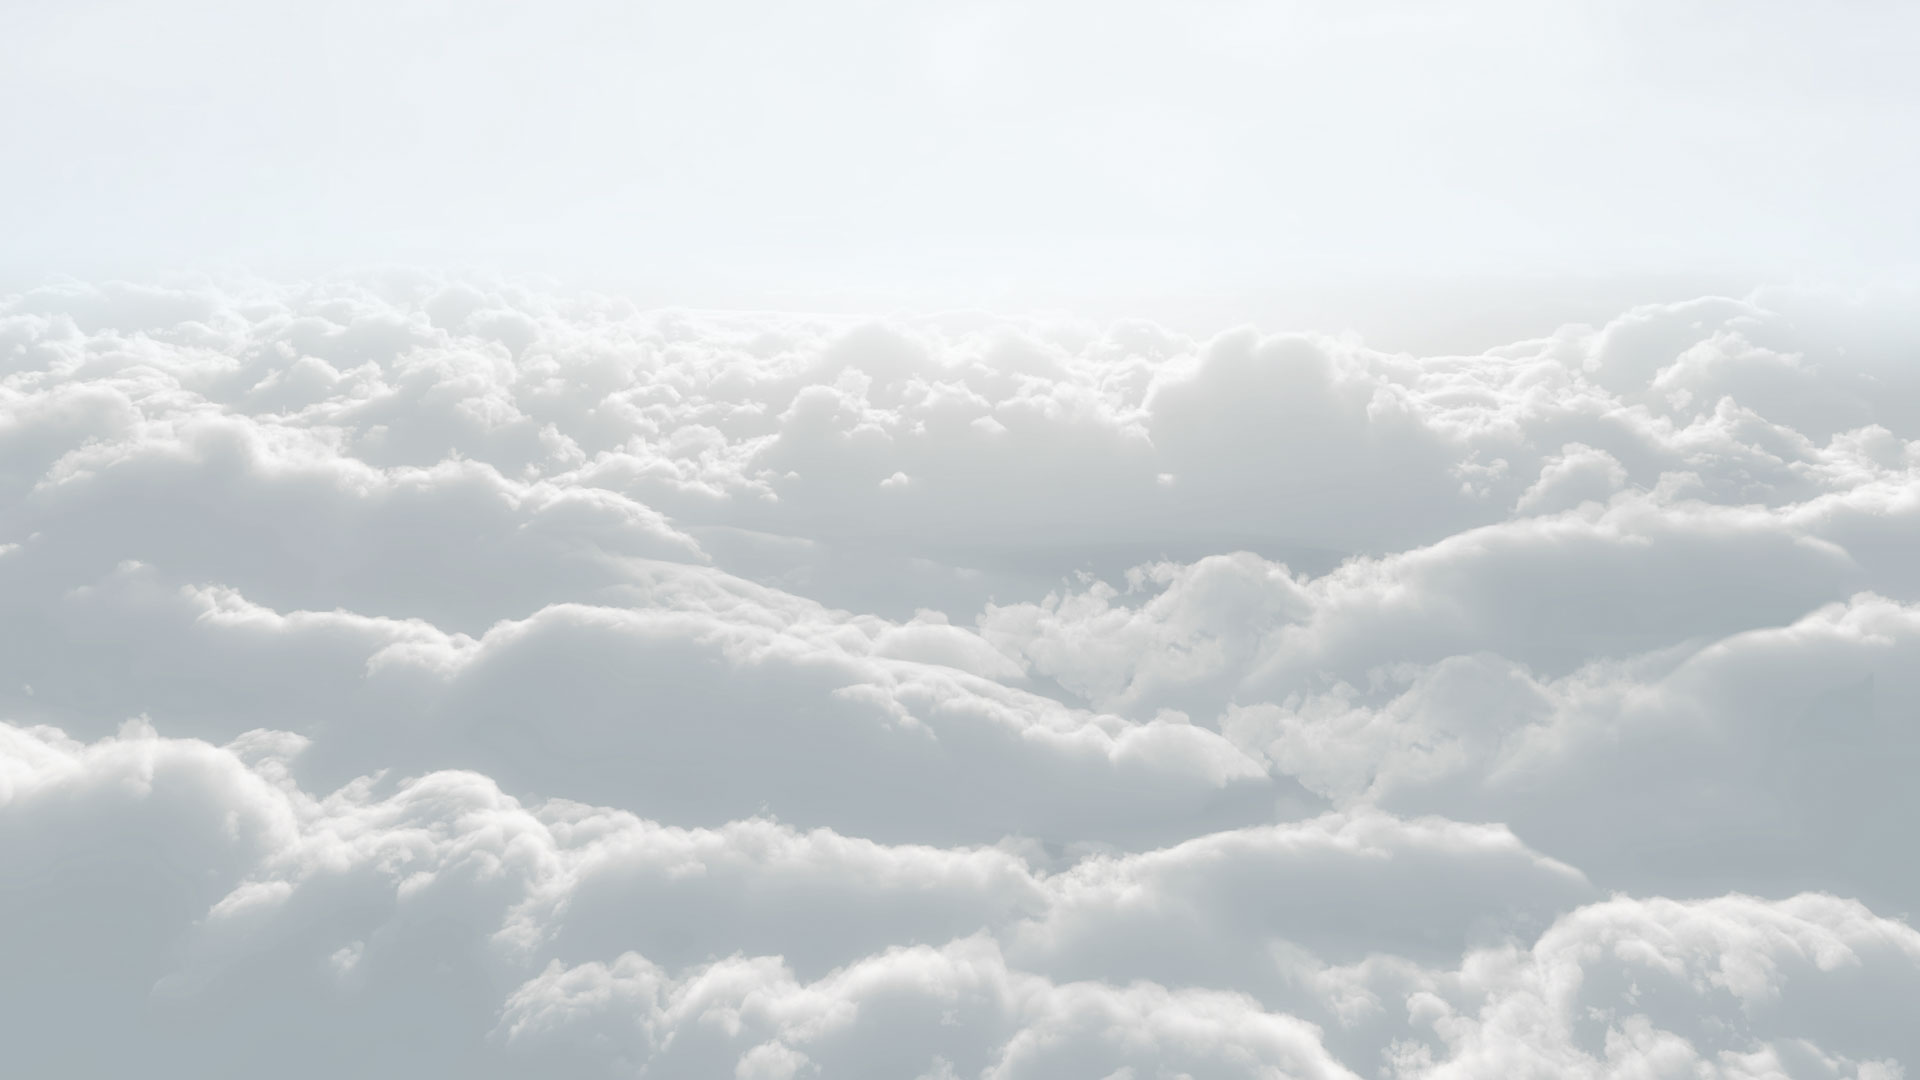 Una foto de las nubes en blanco y gris